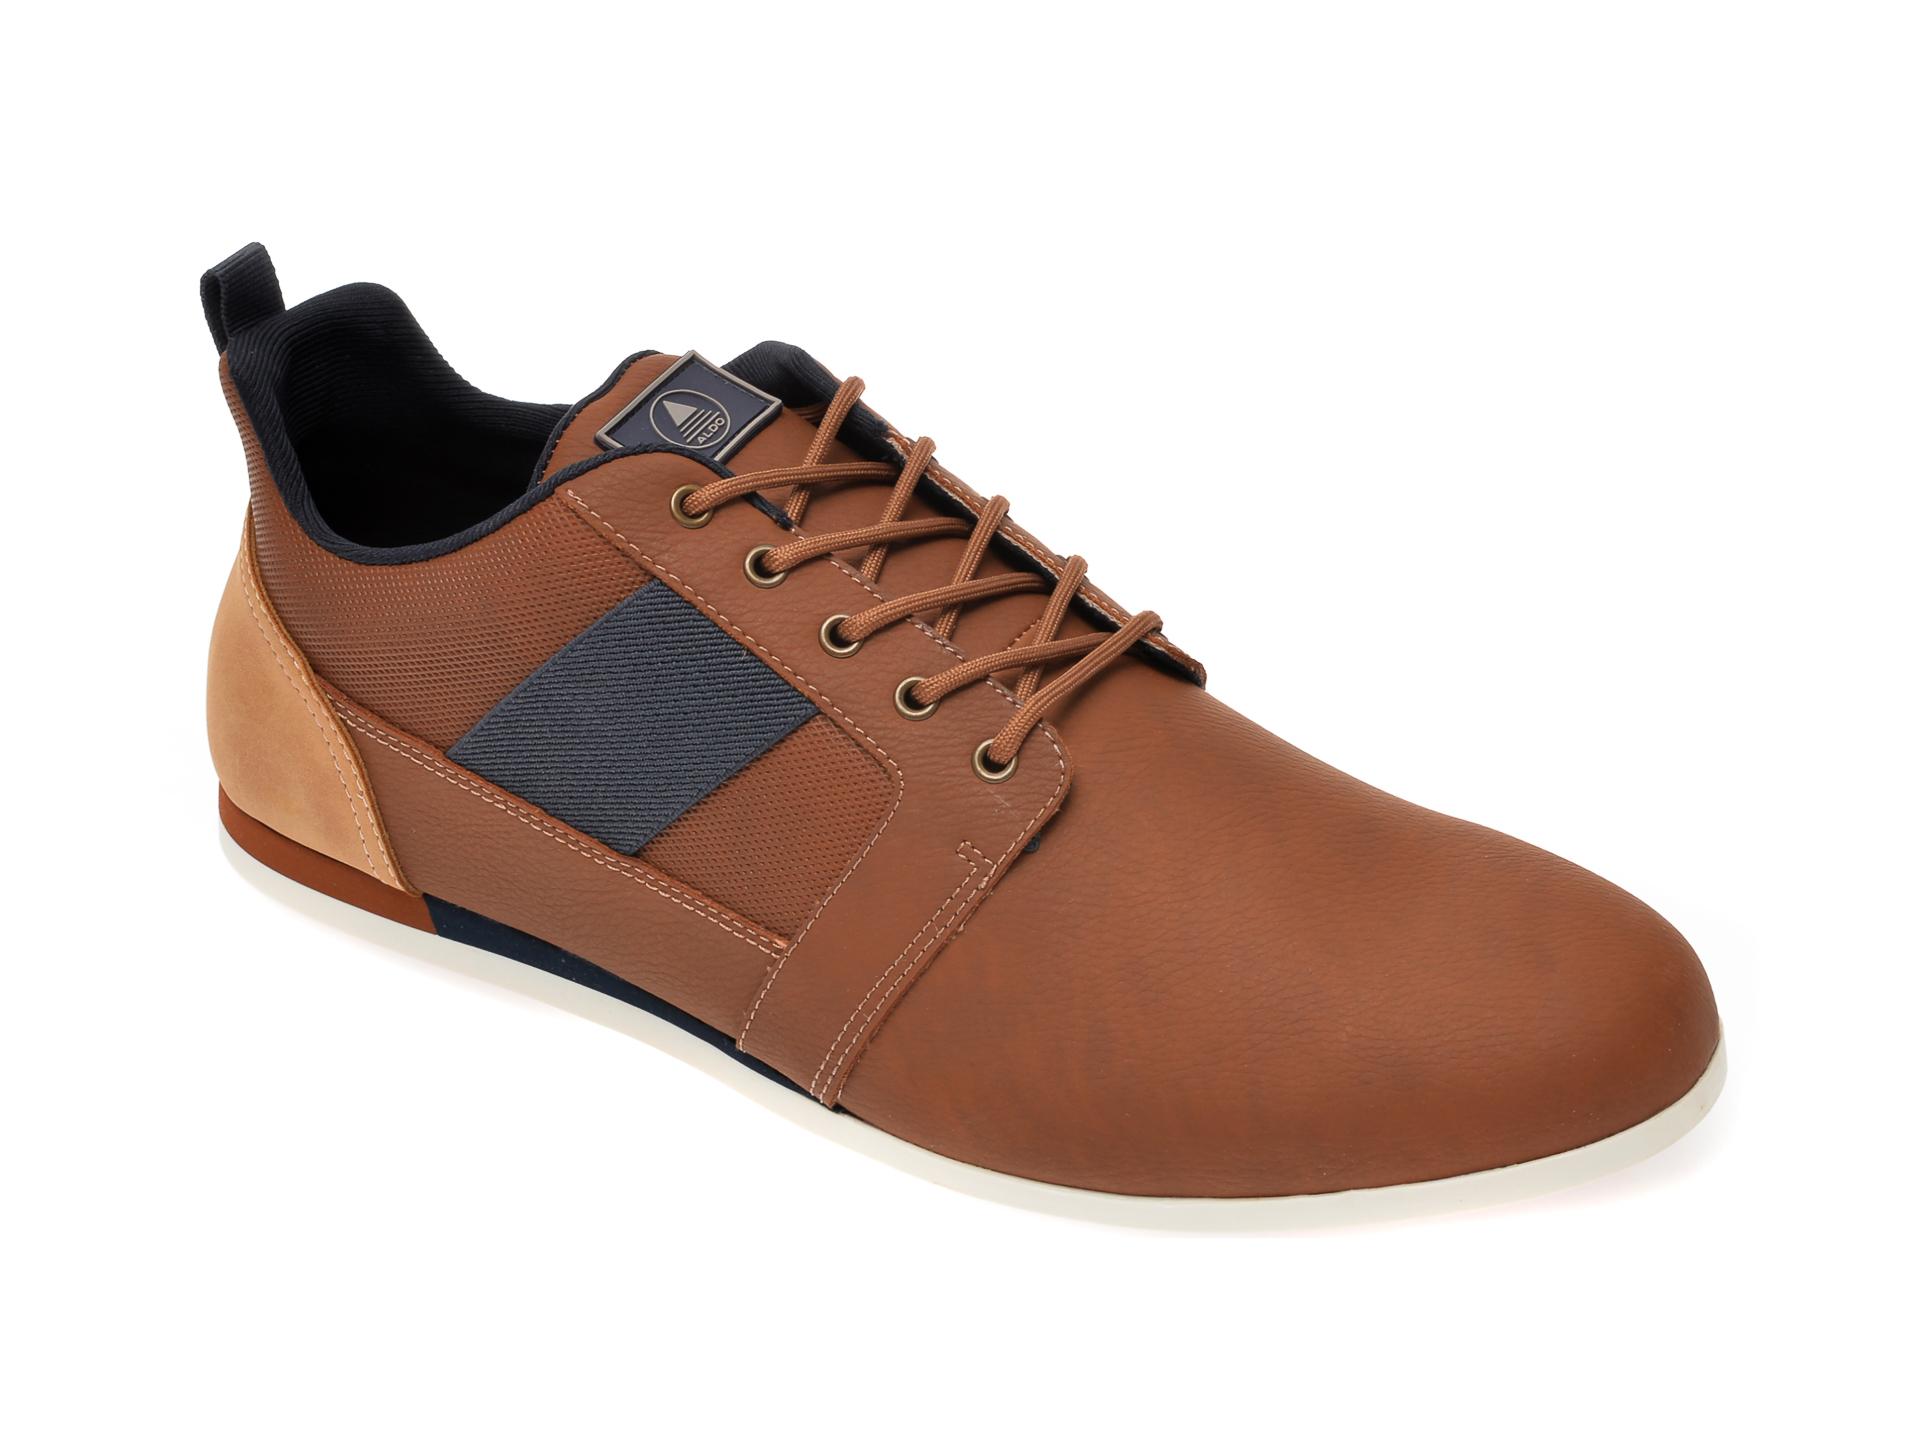 Pantofi ALDO maro, Nydaecien220, din piele ecologica imagine